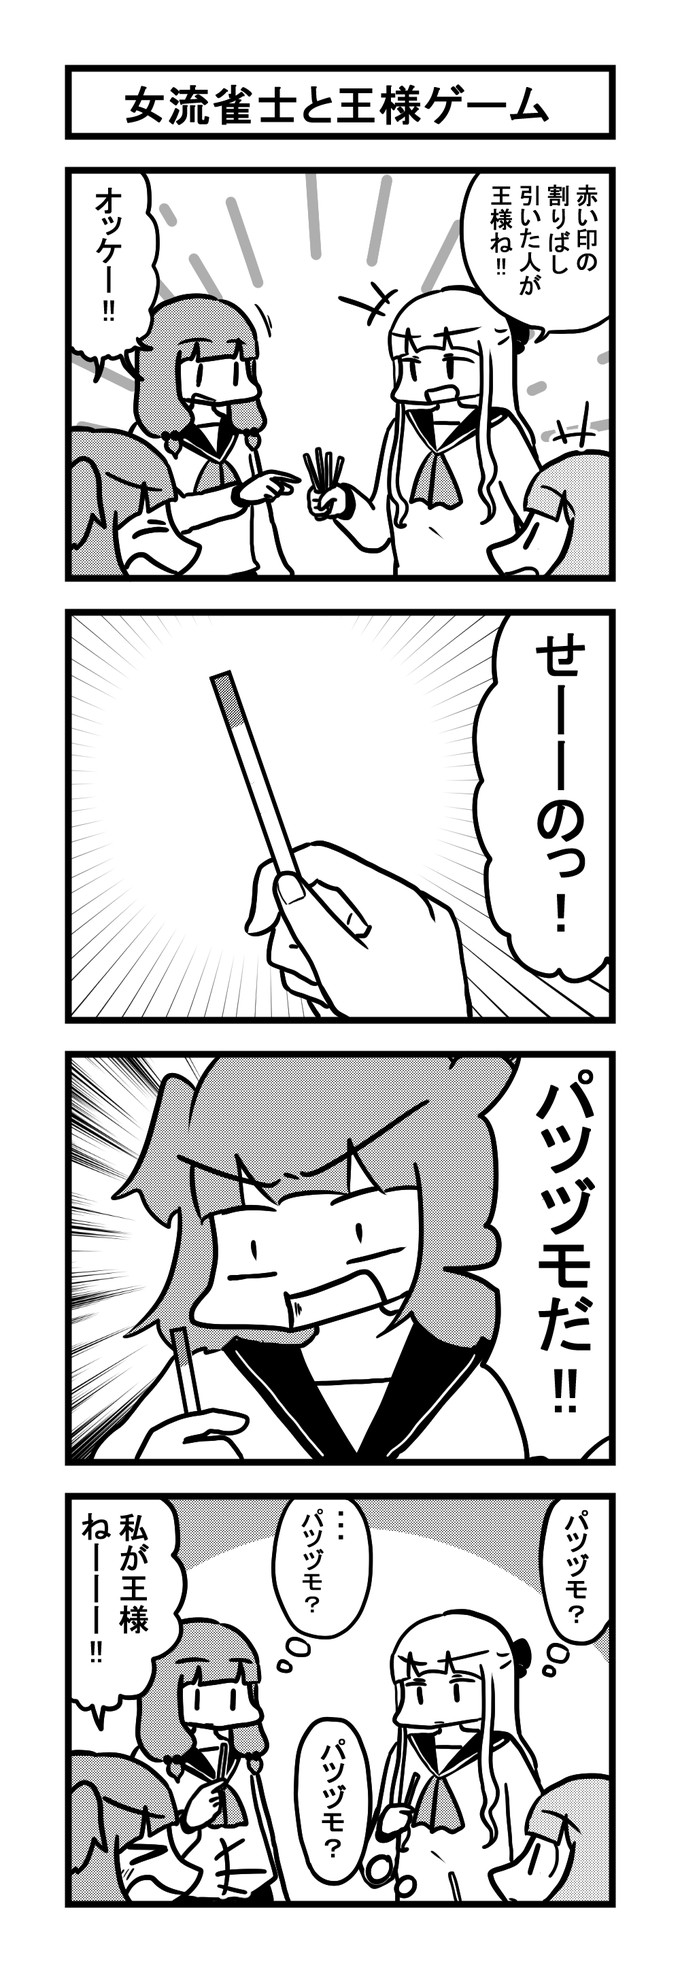 709女流雀士と王様ゲーム